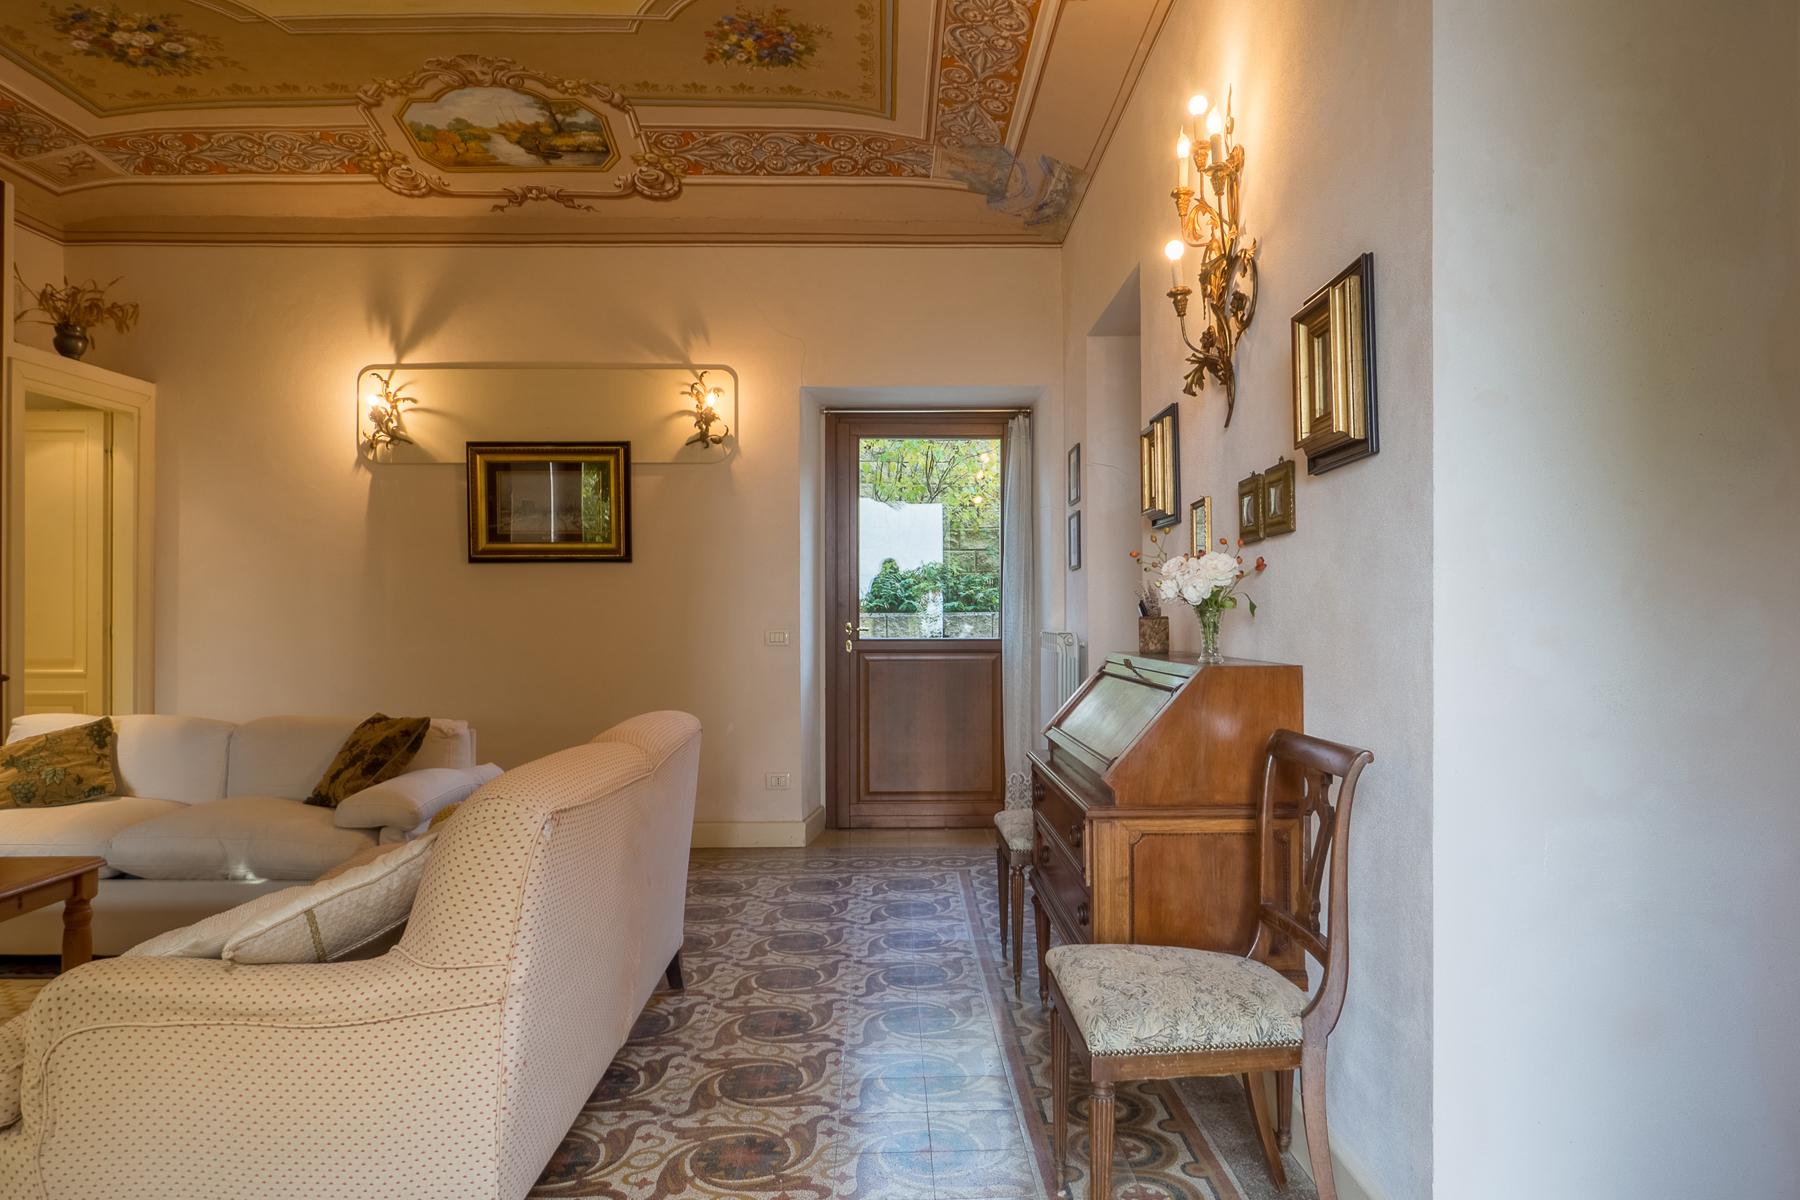 Appartamento in Vendita a Vignale Monferrato: 5 locali, 140 mq - Foto 3